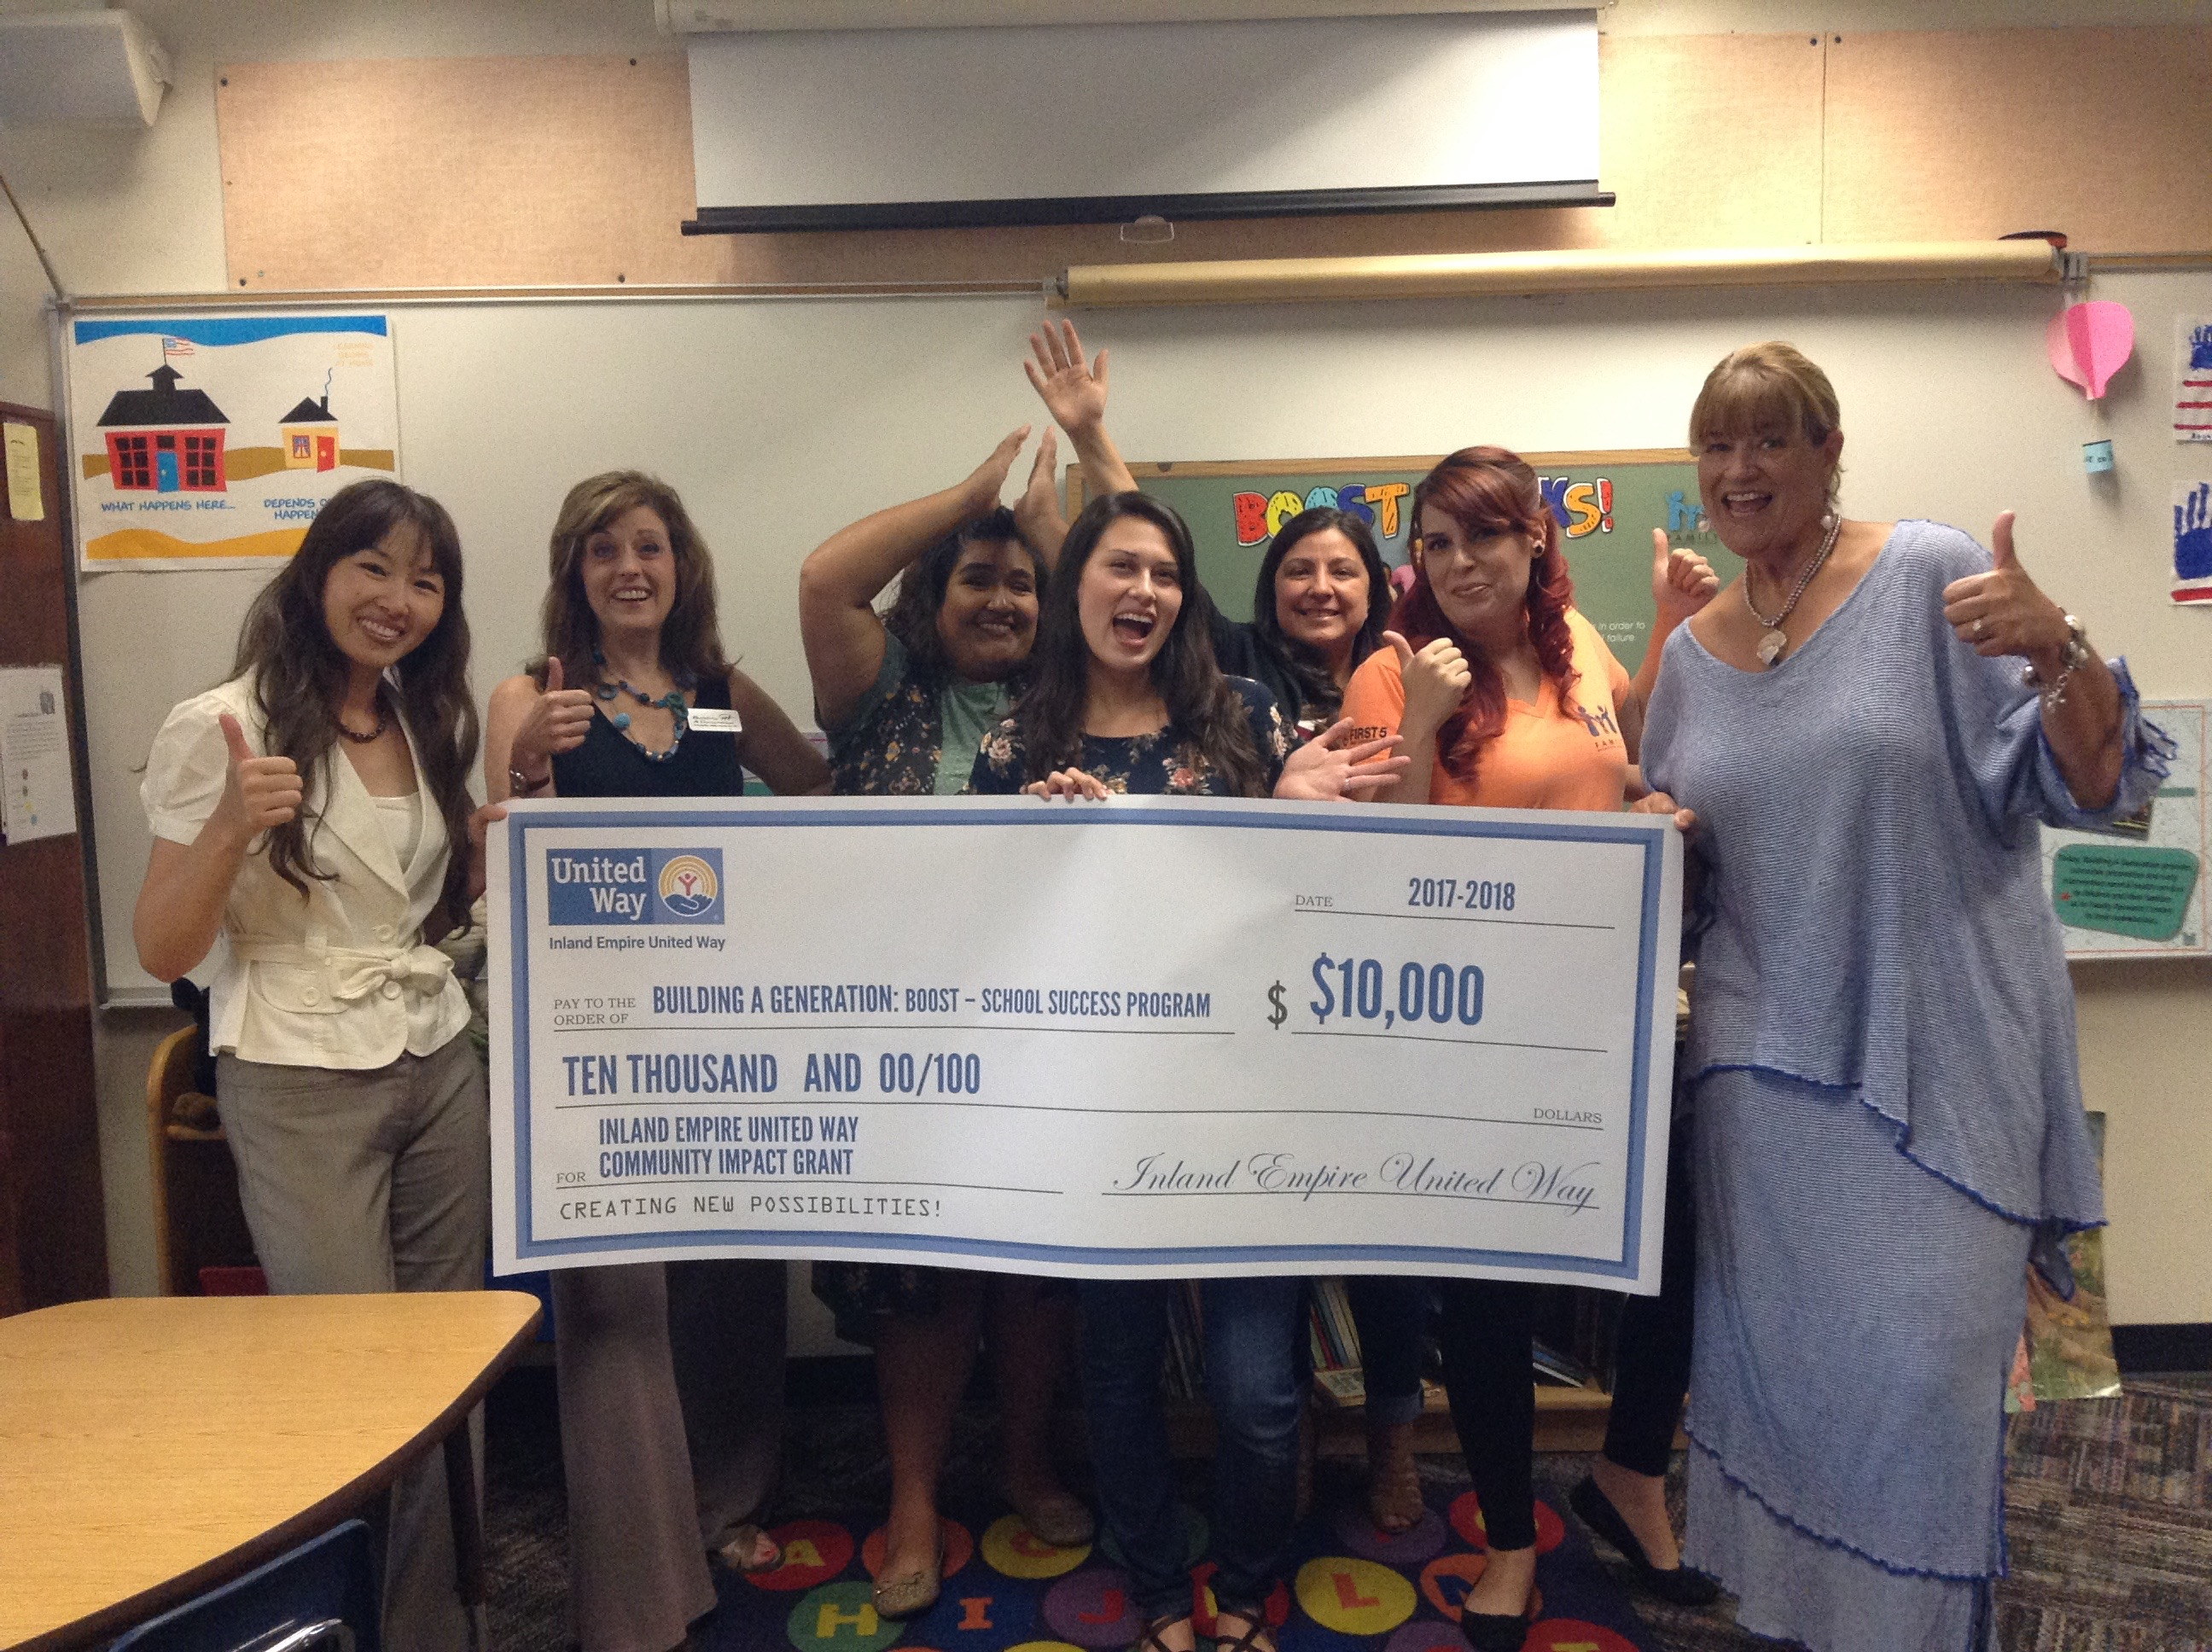 $10,000 IEUW Grant Celebration